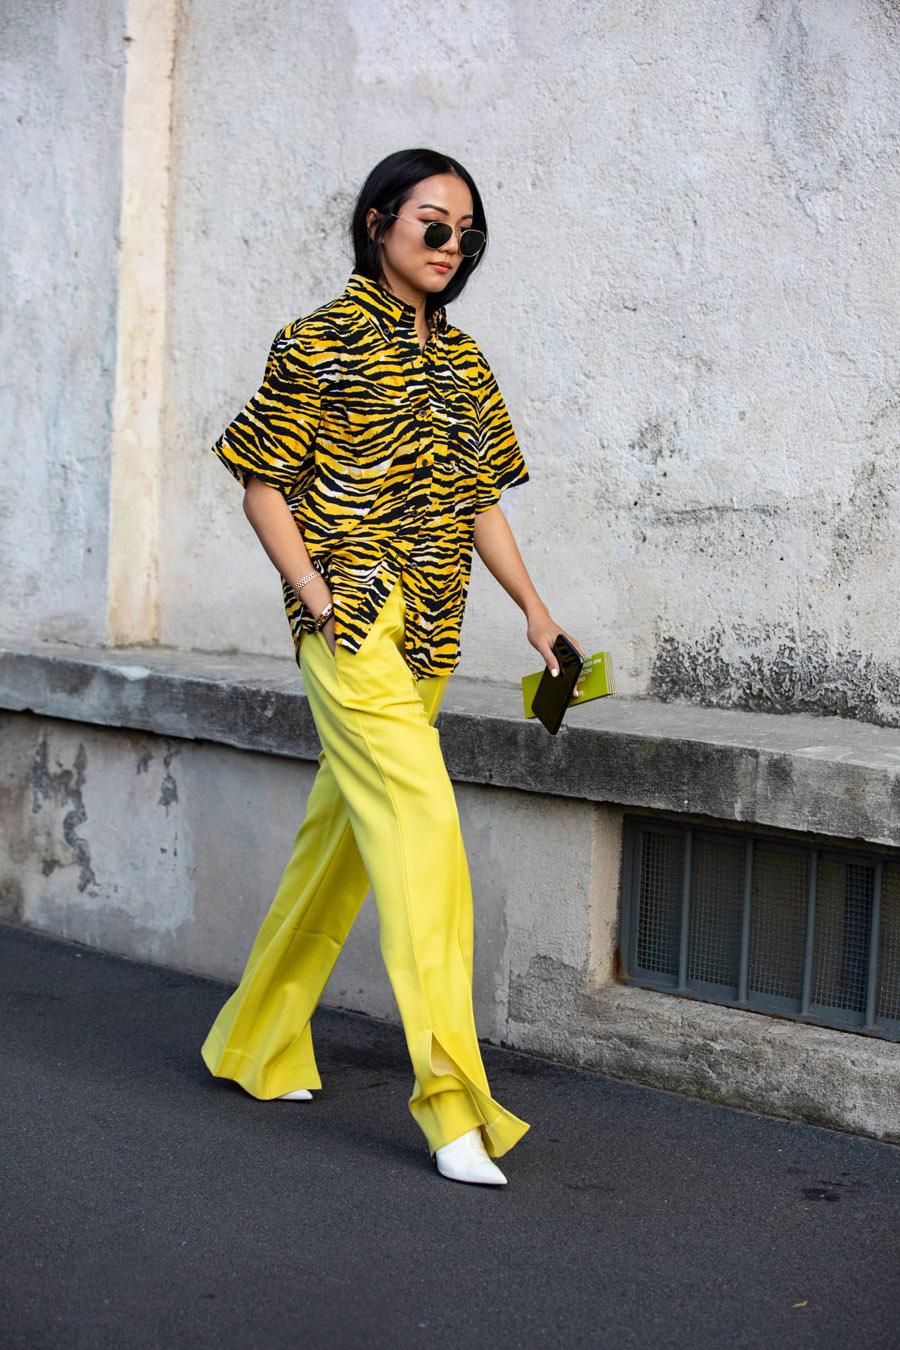 milan-fashion-week-spring-2019-street-style-day-2-20